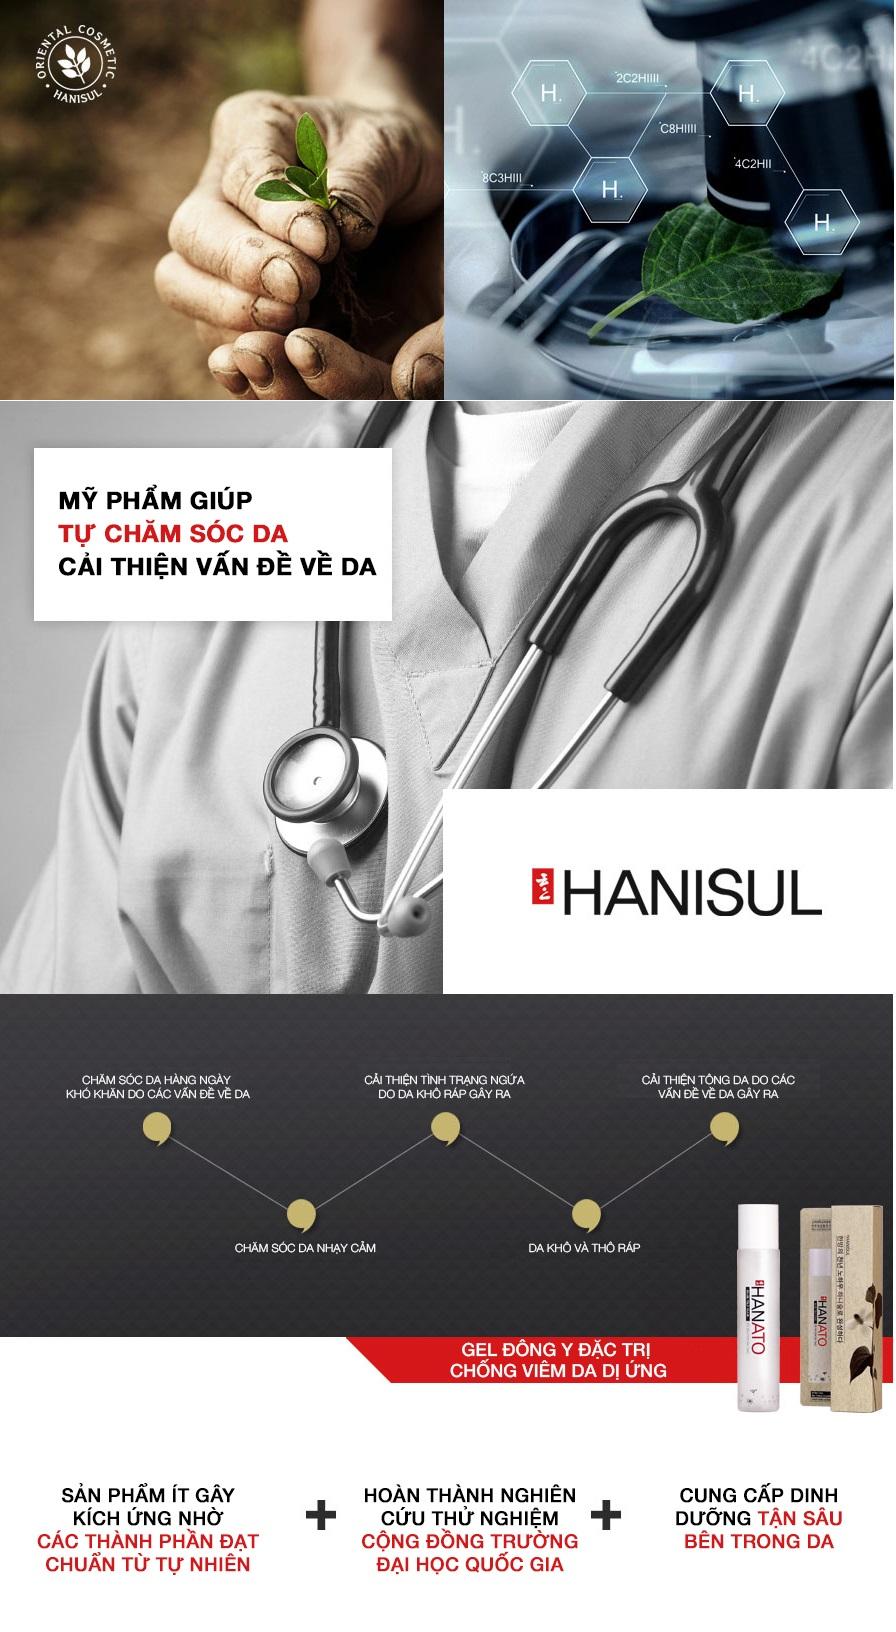 Gel Đông y đặc trị chống viêm da dị ứng Hanato Gel Mist Ato đồng nghiên cứu và sáng tạo bởi đội ngũ bác sĩ đông y hàng đầu tại Hàn Quốc giúp giải cứu những làn khó tính nhất, hiệu quả sử dụng cao để trả lại cho con người nét đẹp tự nhiên của làn da